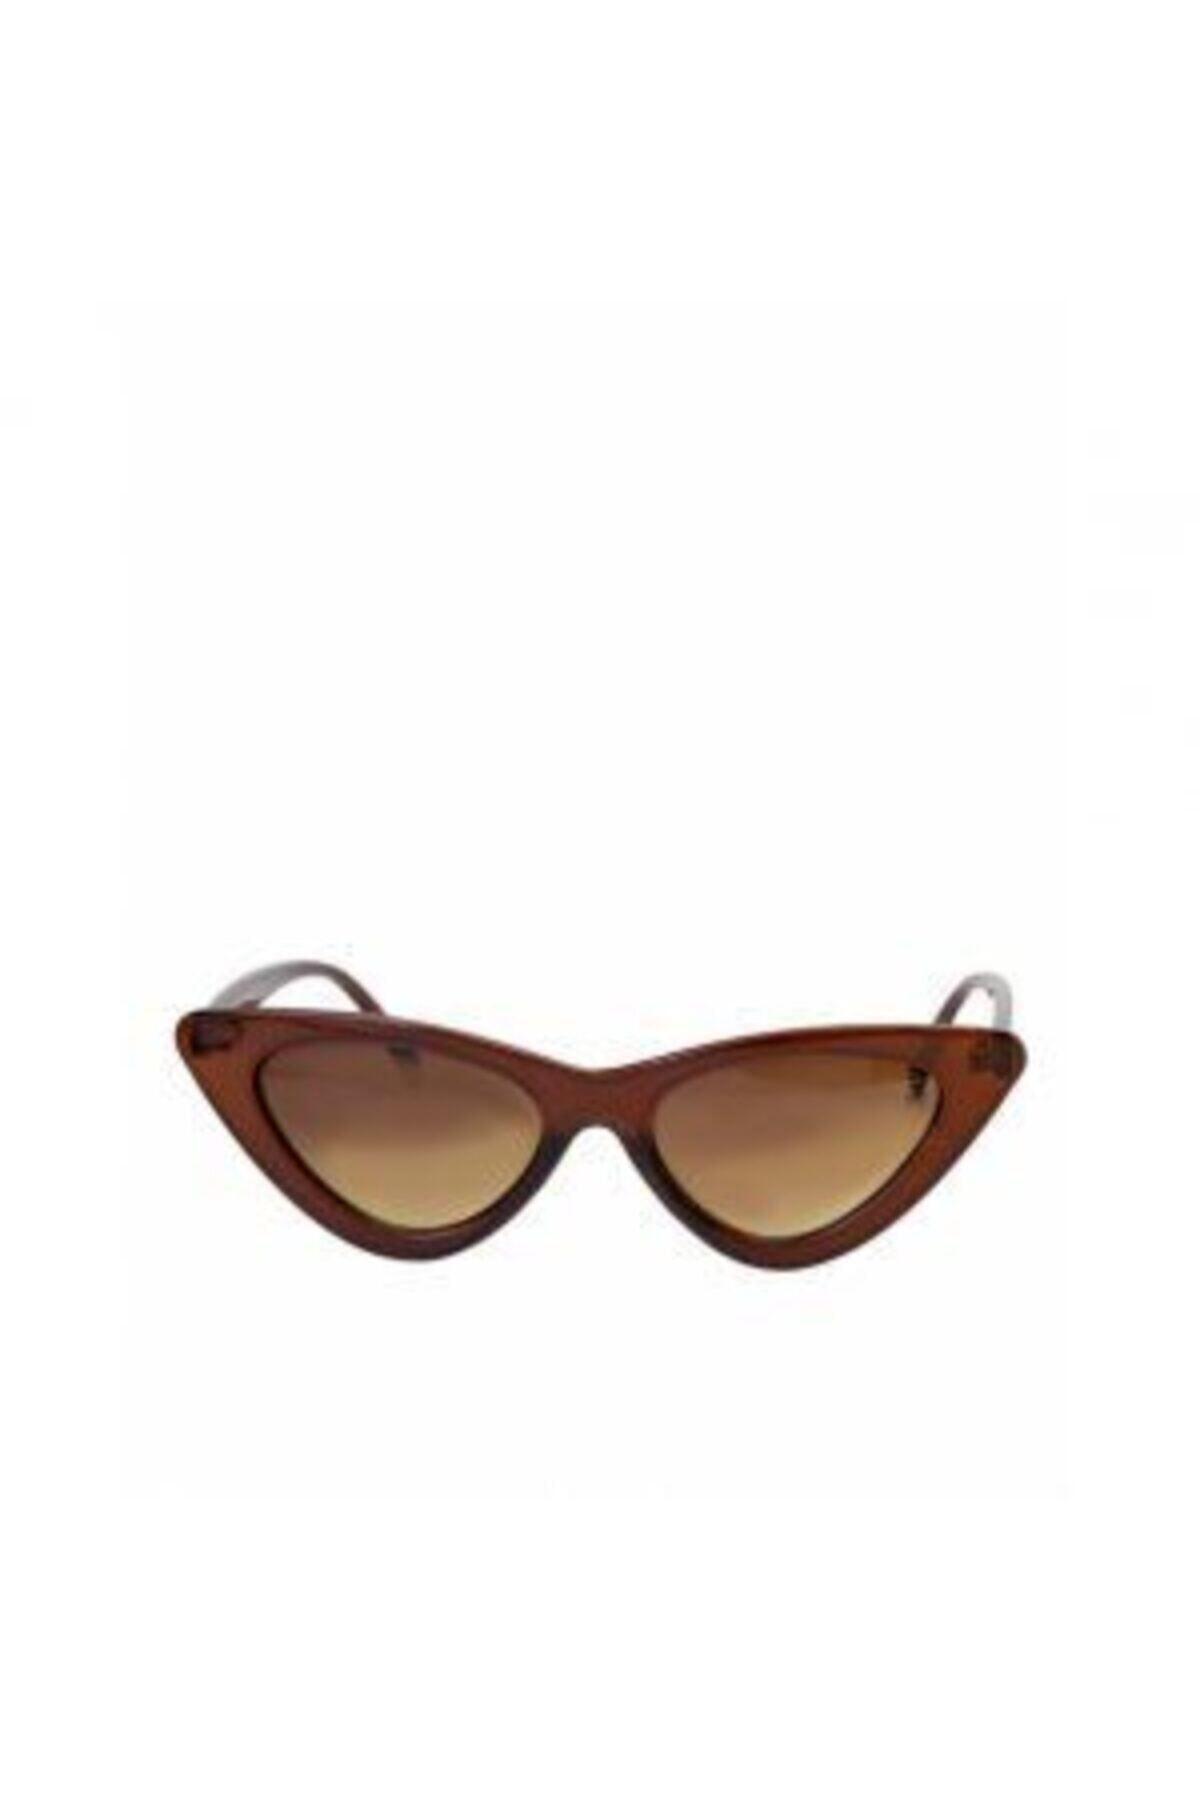 فروش انلاین عینک آفتابی زنانه مجلسی برند Mathilda Aksesuar رنگ قهوه ای کد ty42254479